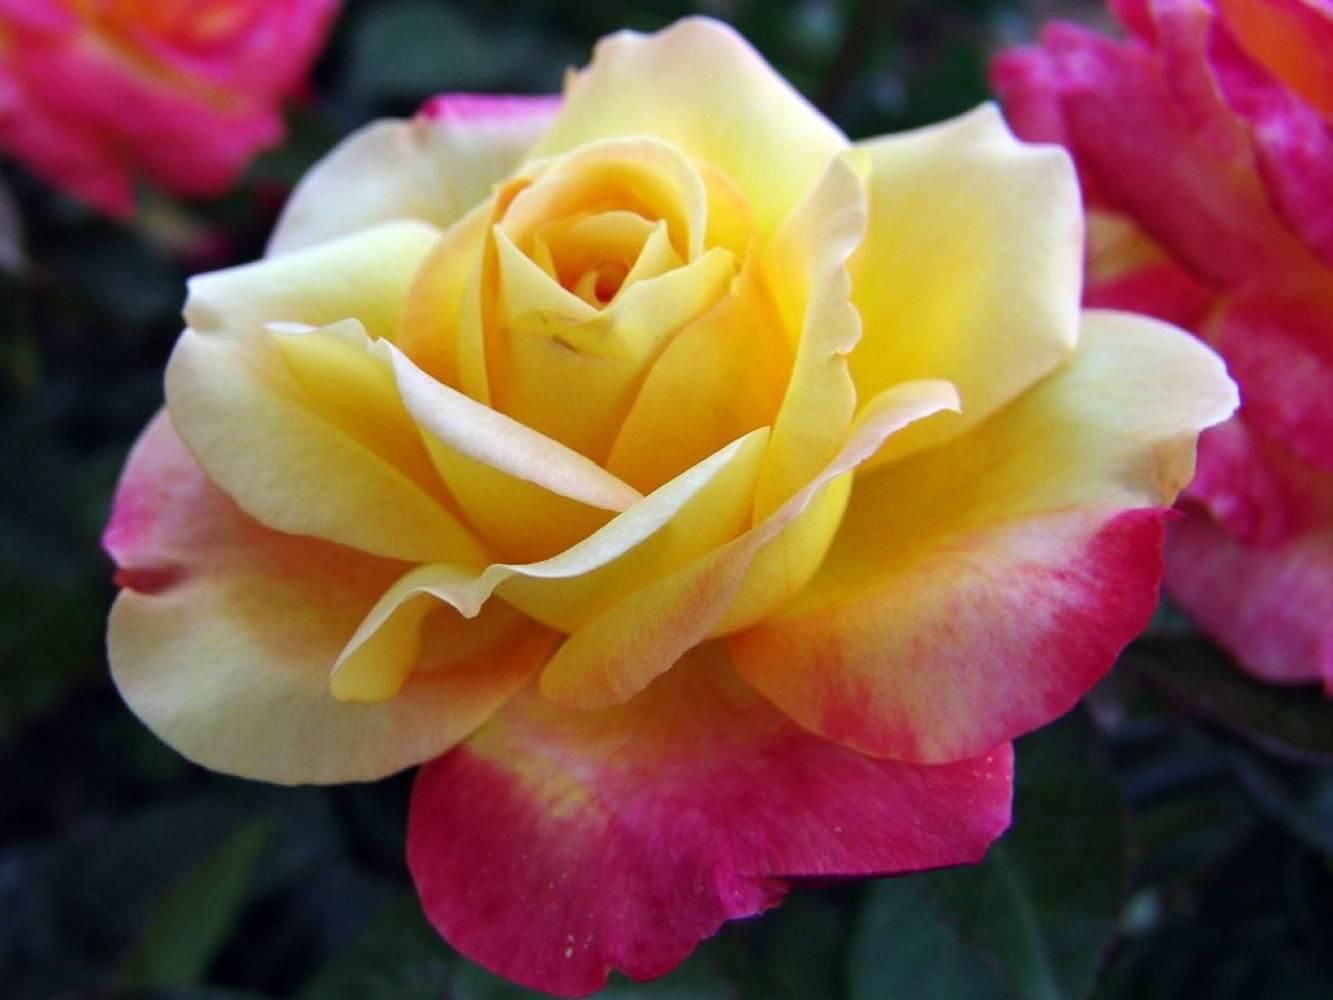 Описание плетистого сорта розы антик 89: как выращивать клаймбер, посадка и уход